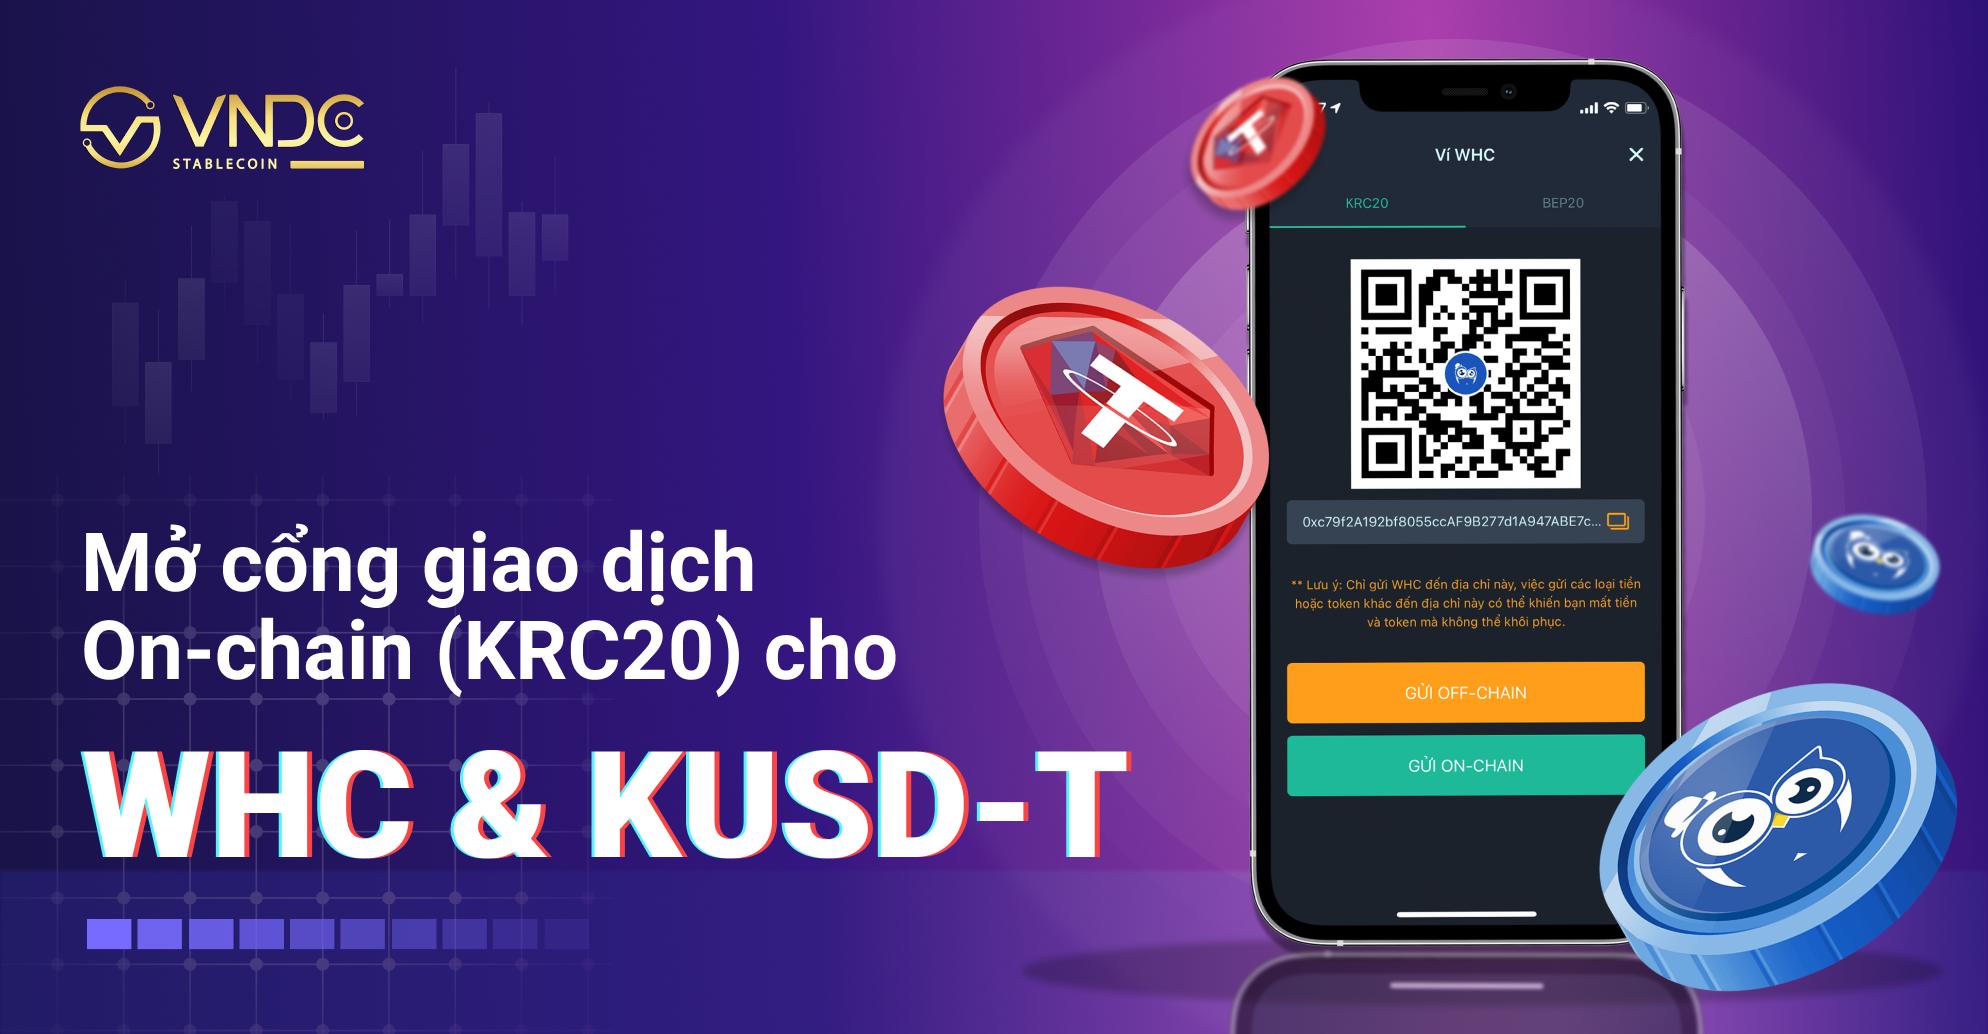 Thông báo: Mở cổng giao dịch On-Chain (KRC20) cho KUSD-T và WHC